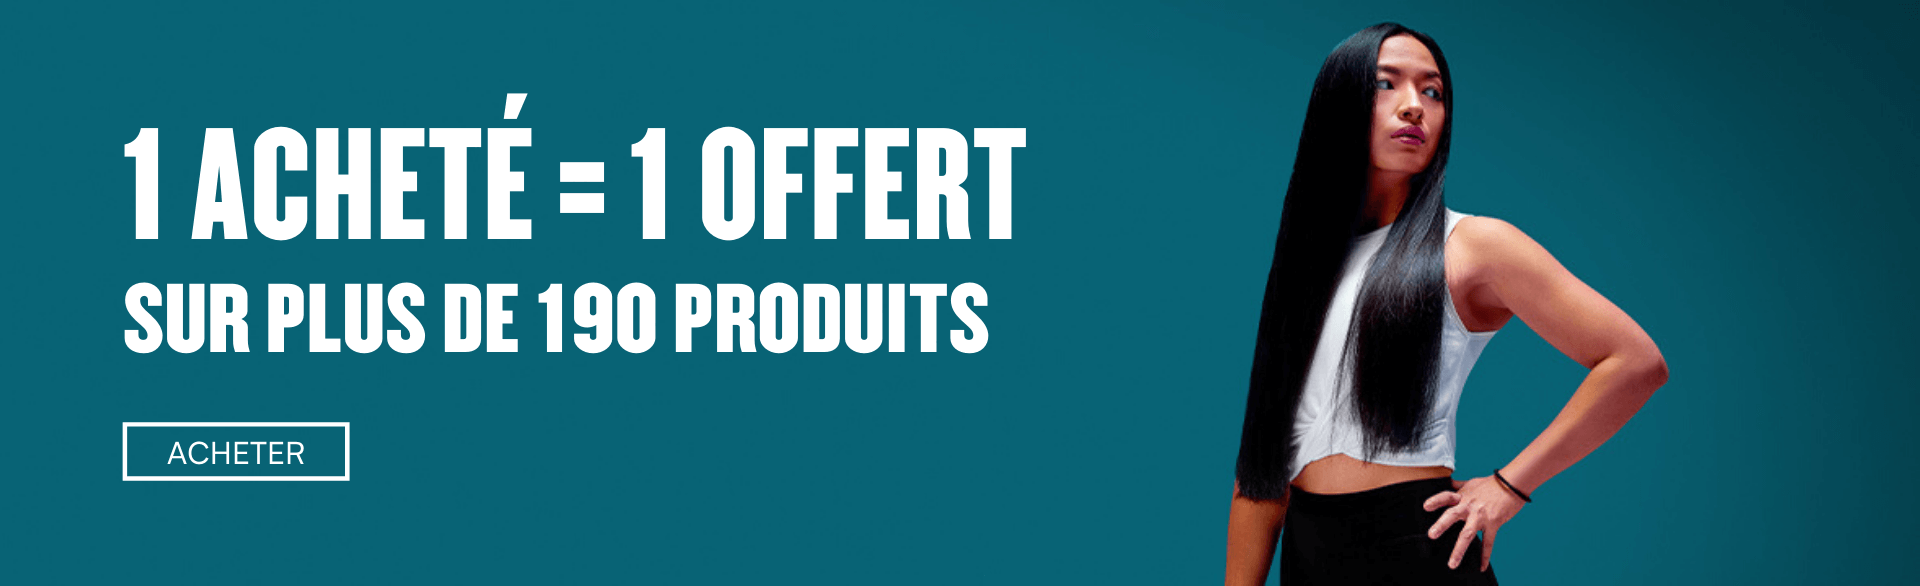 1 Acheté = 1 Offert sur plus de 190 produits